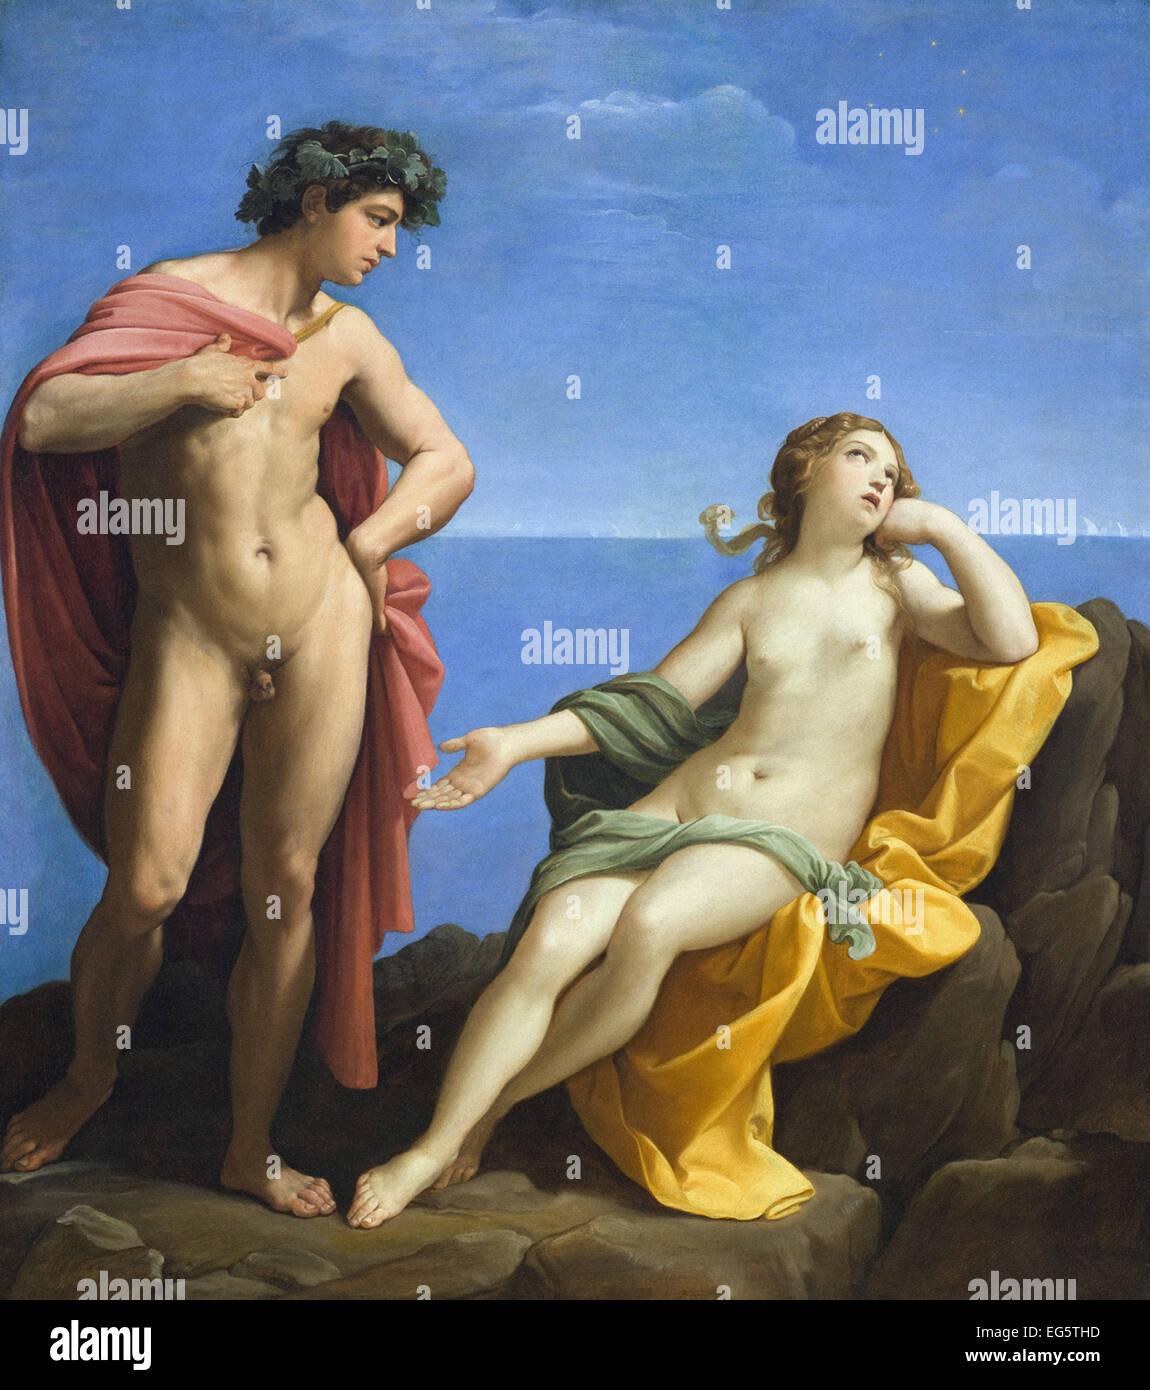 Guido Reni  Bacchus and Ariadne Stock Photo